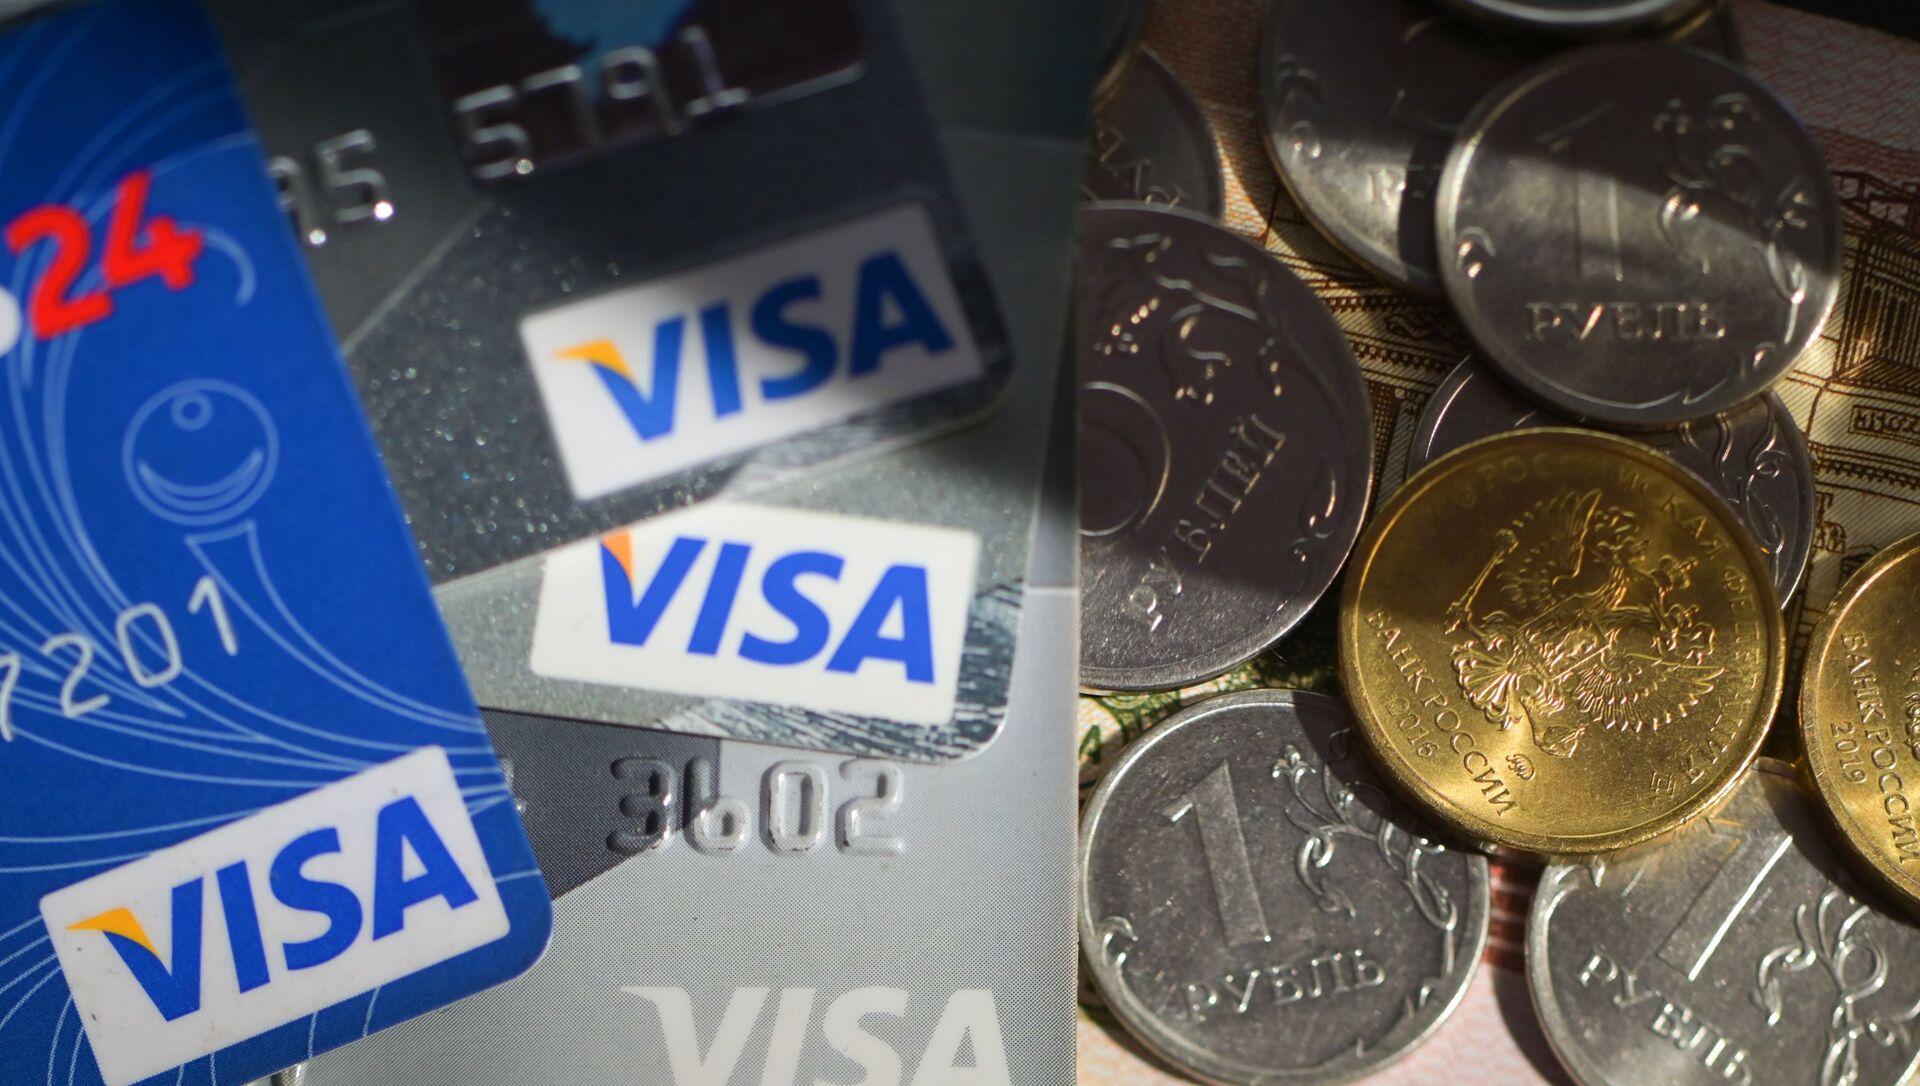 Монеты номиналом 1, 5 и 10 рублей, банковские карты международных платежных систем VISA. - Sputnik Абхазия, 1920, 09.09.2021